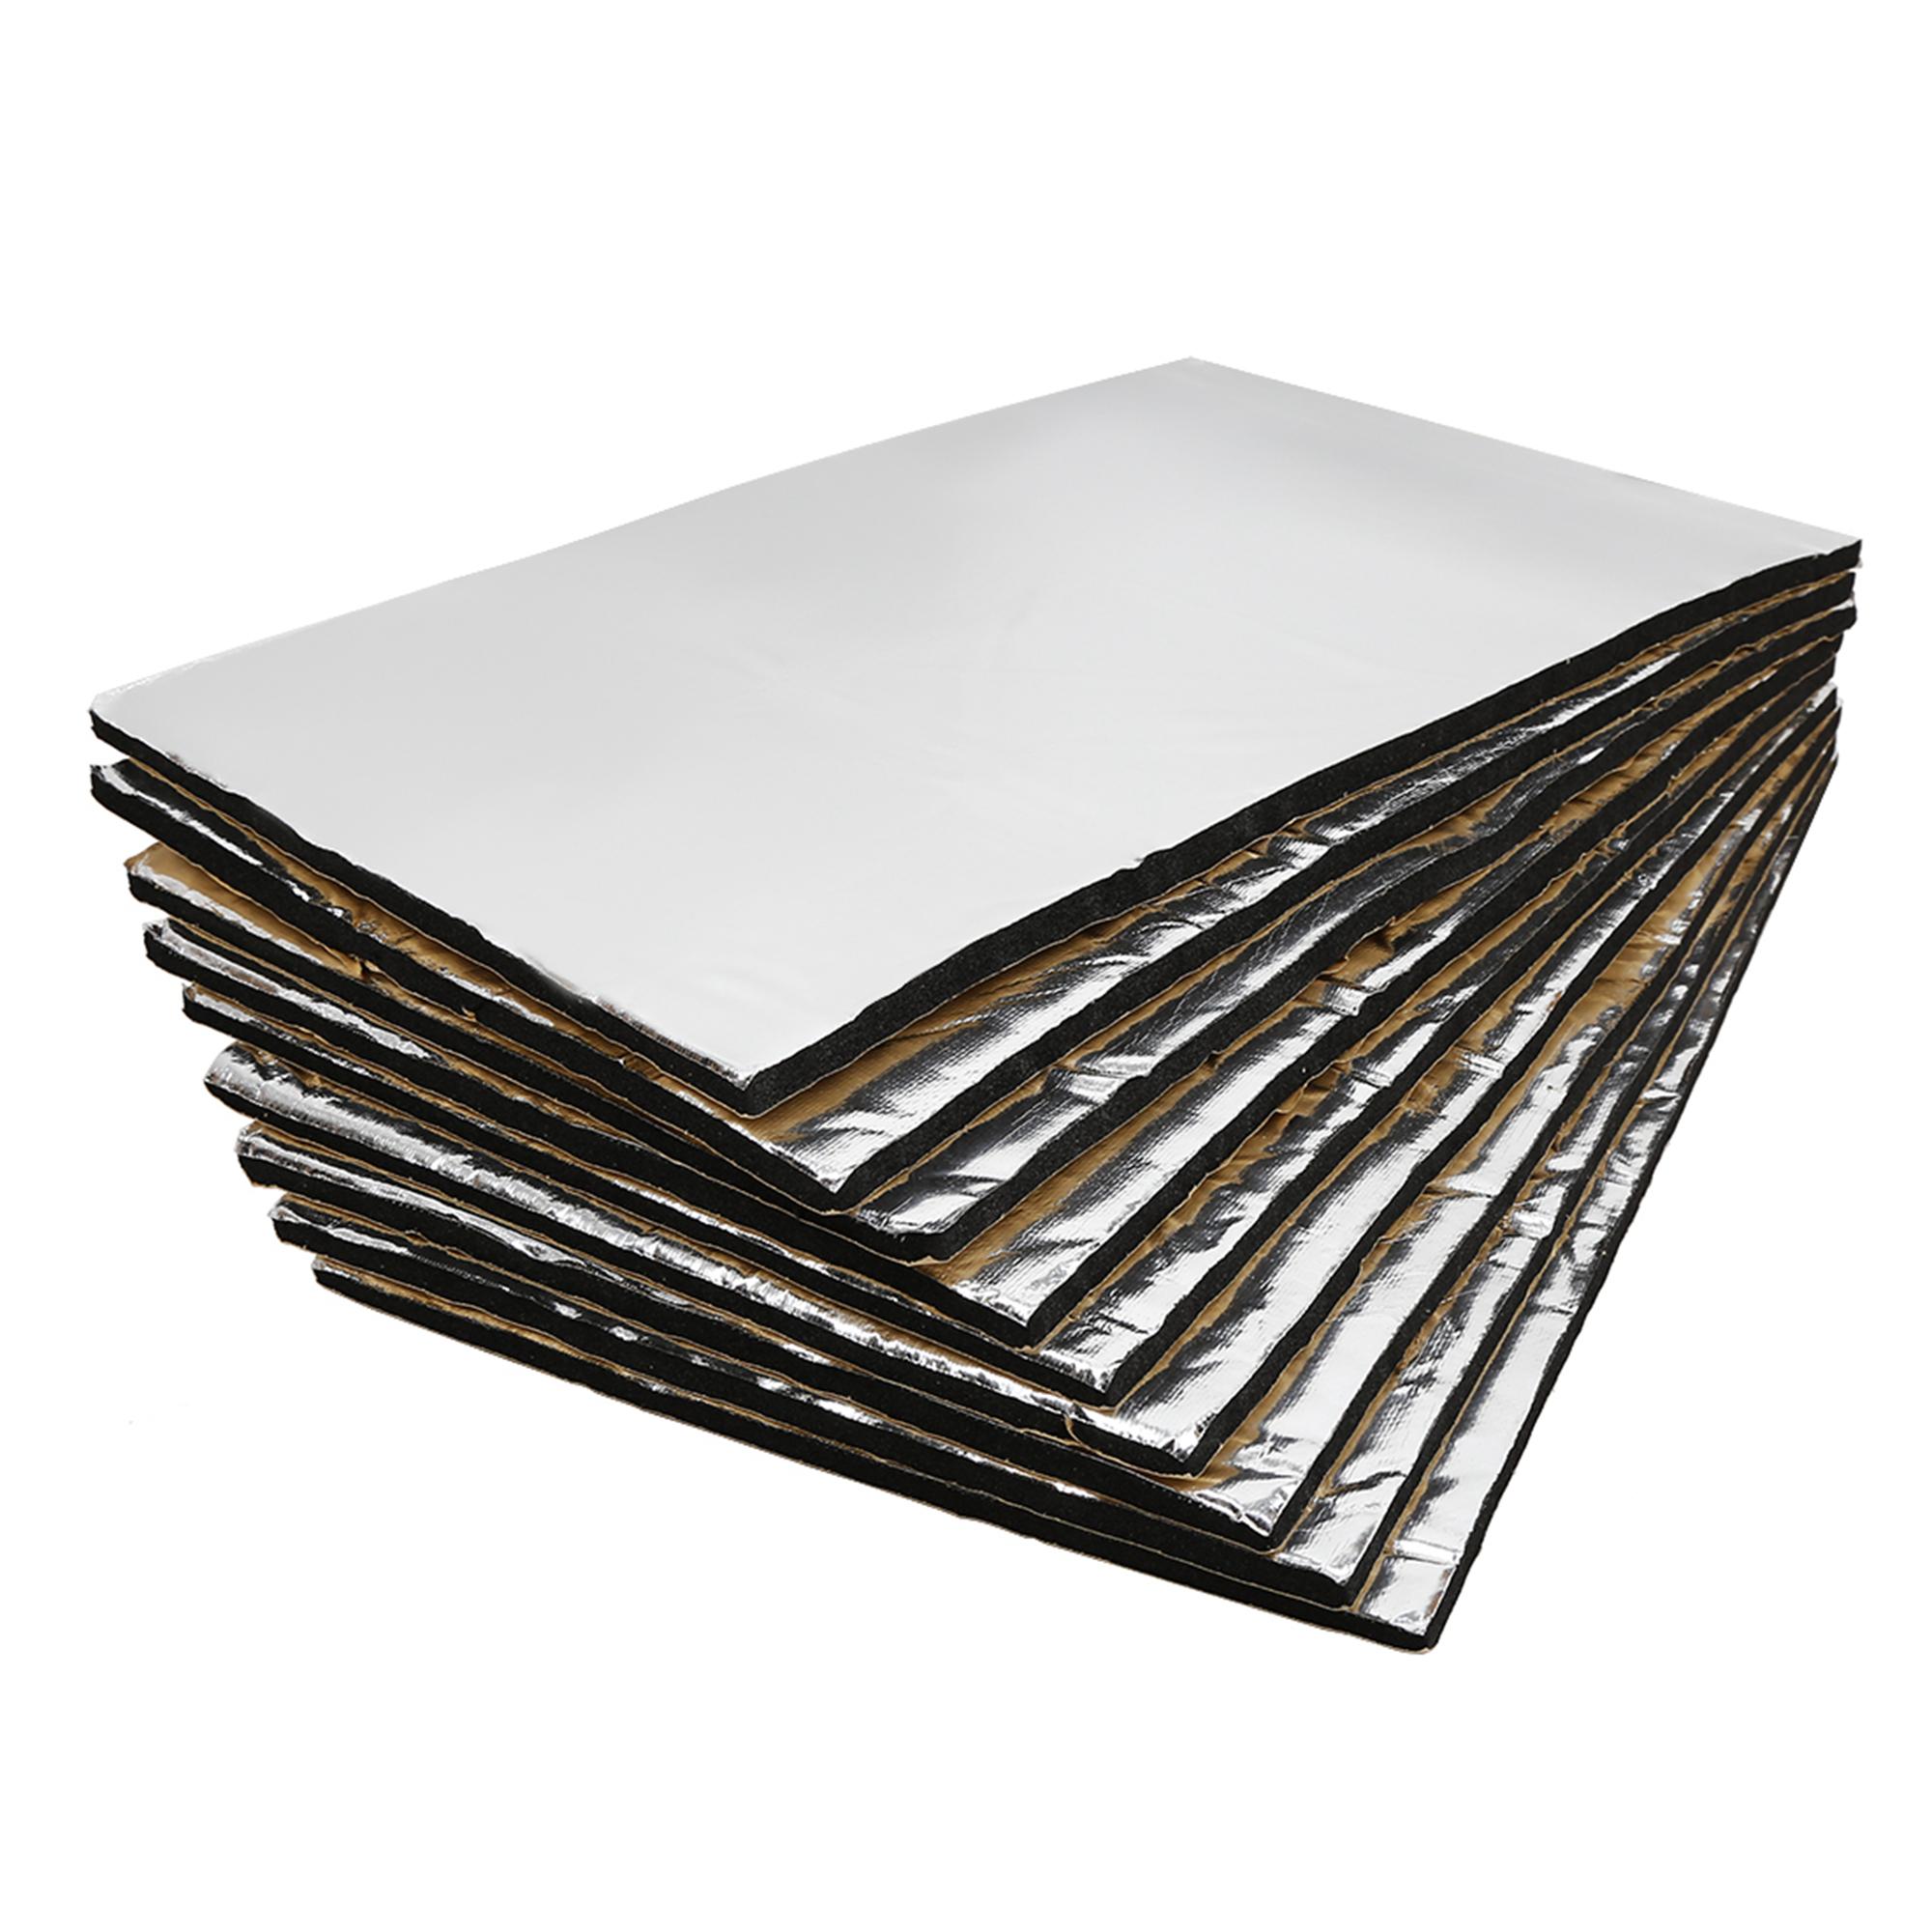 14.4sqft Sound Deadener Noise Insulation Mat Acoustic Barrier 9pcs 50cm x 30cm